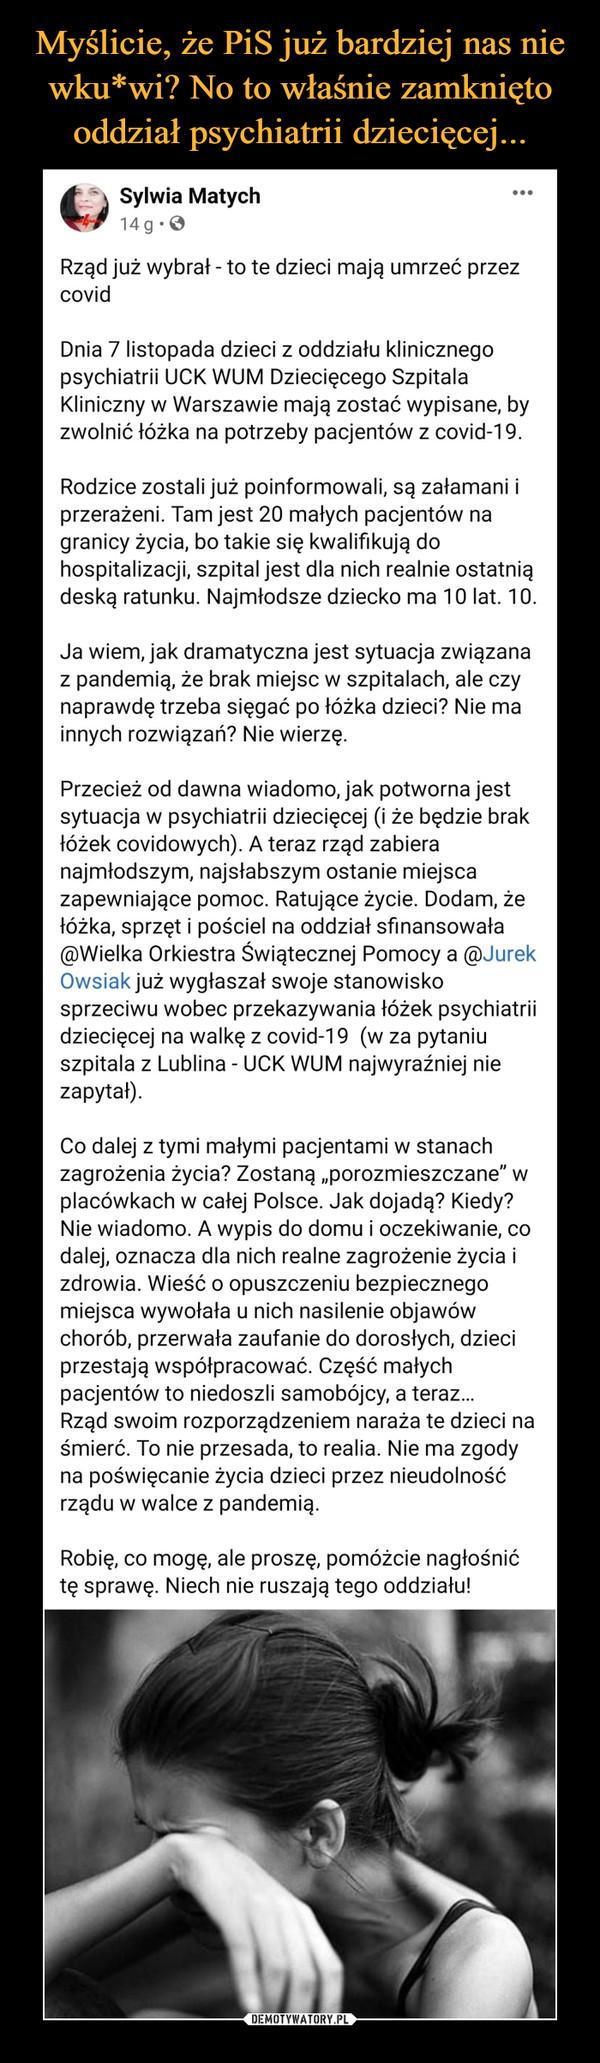 """–  Sylwia Matych1tiSpo4ngha siorgodozhee.dr  · Rząd już wybrał - to te dzieci mają umrzeć przez covidDnia 7 listopada dzieci z oddziału klinicznego psychiatrii UCK WUM Dziecięcego Szpitala Kliniczny w Warszawie mają zostać wypisane, by zwolnić łóżka na potrzeby pacjentów z covid-19.Rodzice zostali już poinformowali, są załamani i przerażeni. Tam jest 20 małych pacjentów na granicy życia, bo takie się kwalifikują do hospitalizacji, szpital jest dla nich realnie ostatnią deską ratunku. Najmłodsze dziecko ma 10 lat. 10.Ja wiem, jak dramatyczna jest sytuacja związana z pandemią, że brak miejsc w szpitalach, ale czy naprawdę trzeba sięgać po łóżka dzieci? Nie ma innych rozwiązań? Nie wierzę.Przecież od dawna wiadomo, jak potworna jest sytuacja w psychiatrii dziecięcej (i że będzie brak łóżek covidowych). A teraz rząd zabiera najmłodszym, najsłabszym ostanie miejsca zapewniające pomoc. Ratujące życie. Dodam, że łóżka, sprzęt i pościel na oddział sfinansowała @Wielka Orkiestra Świątecznej Pomocy a @Jurek Owsiak już wygłaszał swoje stanowisko sprzeciwu wobec przekazywania łóżek psychiatrii dziecięcej na walkę z covid-19  (w za pytaniu szpitala z Lublina - UCK WUM najwyraźniej nie zapytał).Co dalej z tymi małymi pacjentami w stanach zagrożenia życia? Zostaną """"porozmieszczane"""" w placówkach w całej Polsce. Jak dojadą? Kiedy? Nie wiadomo. A wypis do domu i oczekiwanie, co dalej, oznacza dla nich realne zagrożenie życia i zdrowia. Wieść o opuszczeniu bezpiecznego miejsca wywołała u nich nasilenie objawów chorób, przerwała zaufanie do dorosłych, dzieci przestają współpracować. Część małych pacjentów to niedoszli samobójcy, a teraz…Rząd swoim rozporządzeniem naraża te dzieci na śmierć. To nie przesada, to realia. Nie ma zgody na poświęcanie życia dzieci przez nieudolność rządu w walce z pandemią.Robię, co mogę, ale proszę, pomóżcie nagłośnić tę sprawę. Niech nie ruszają tego oddziału!"""